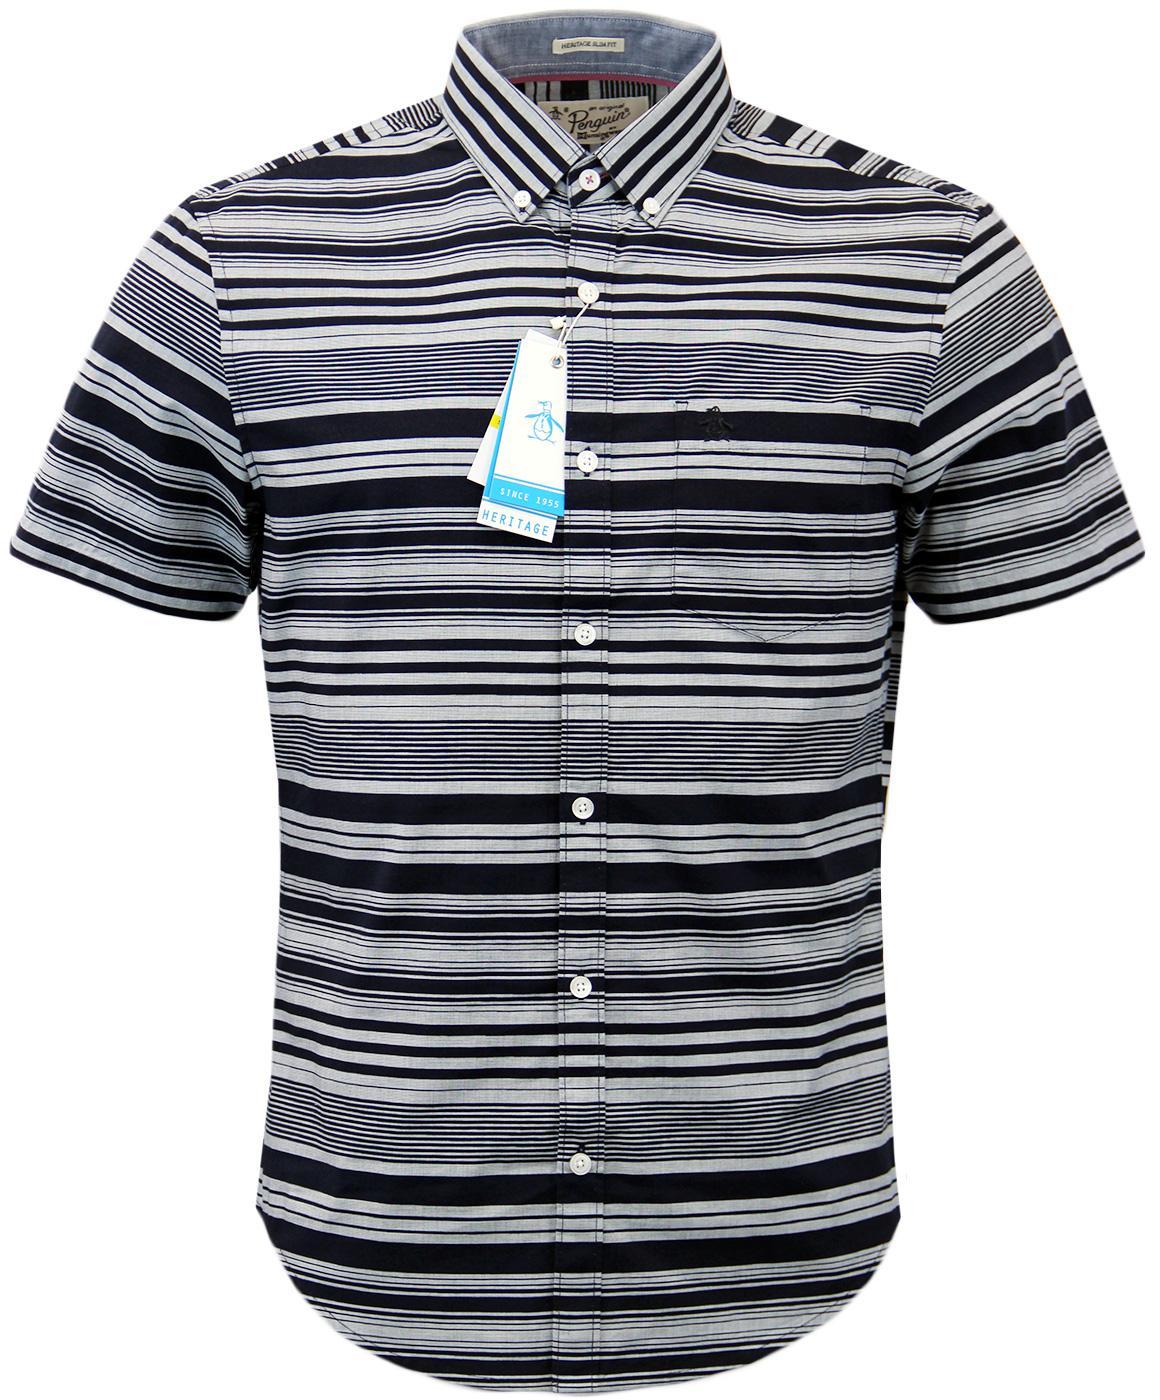 Sketch ORIGINAL PENGUIN Retro Mod 60s Stripe Shirt